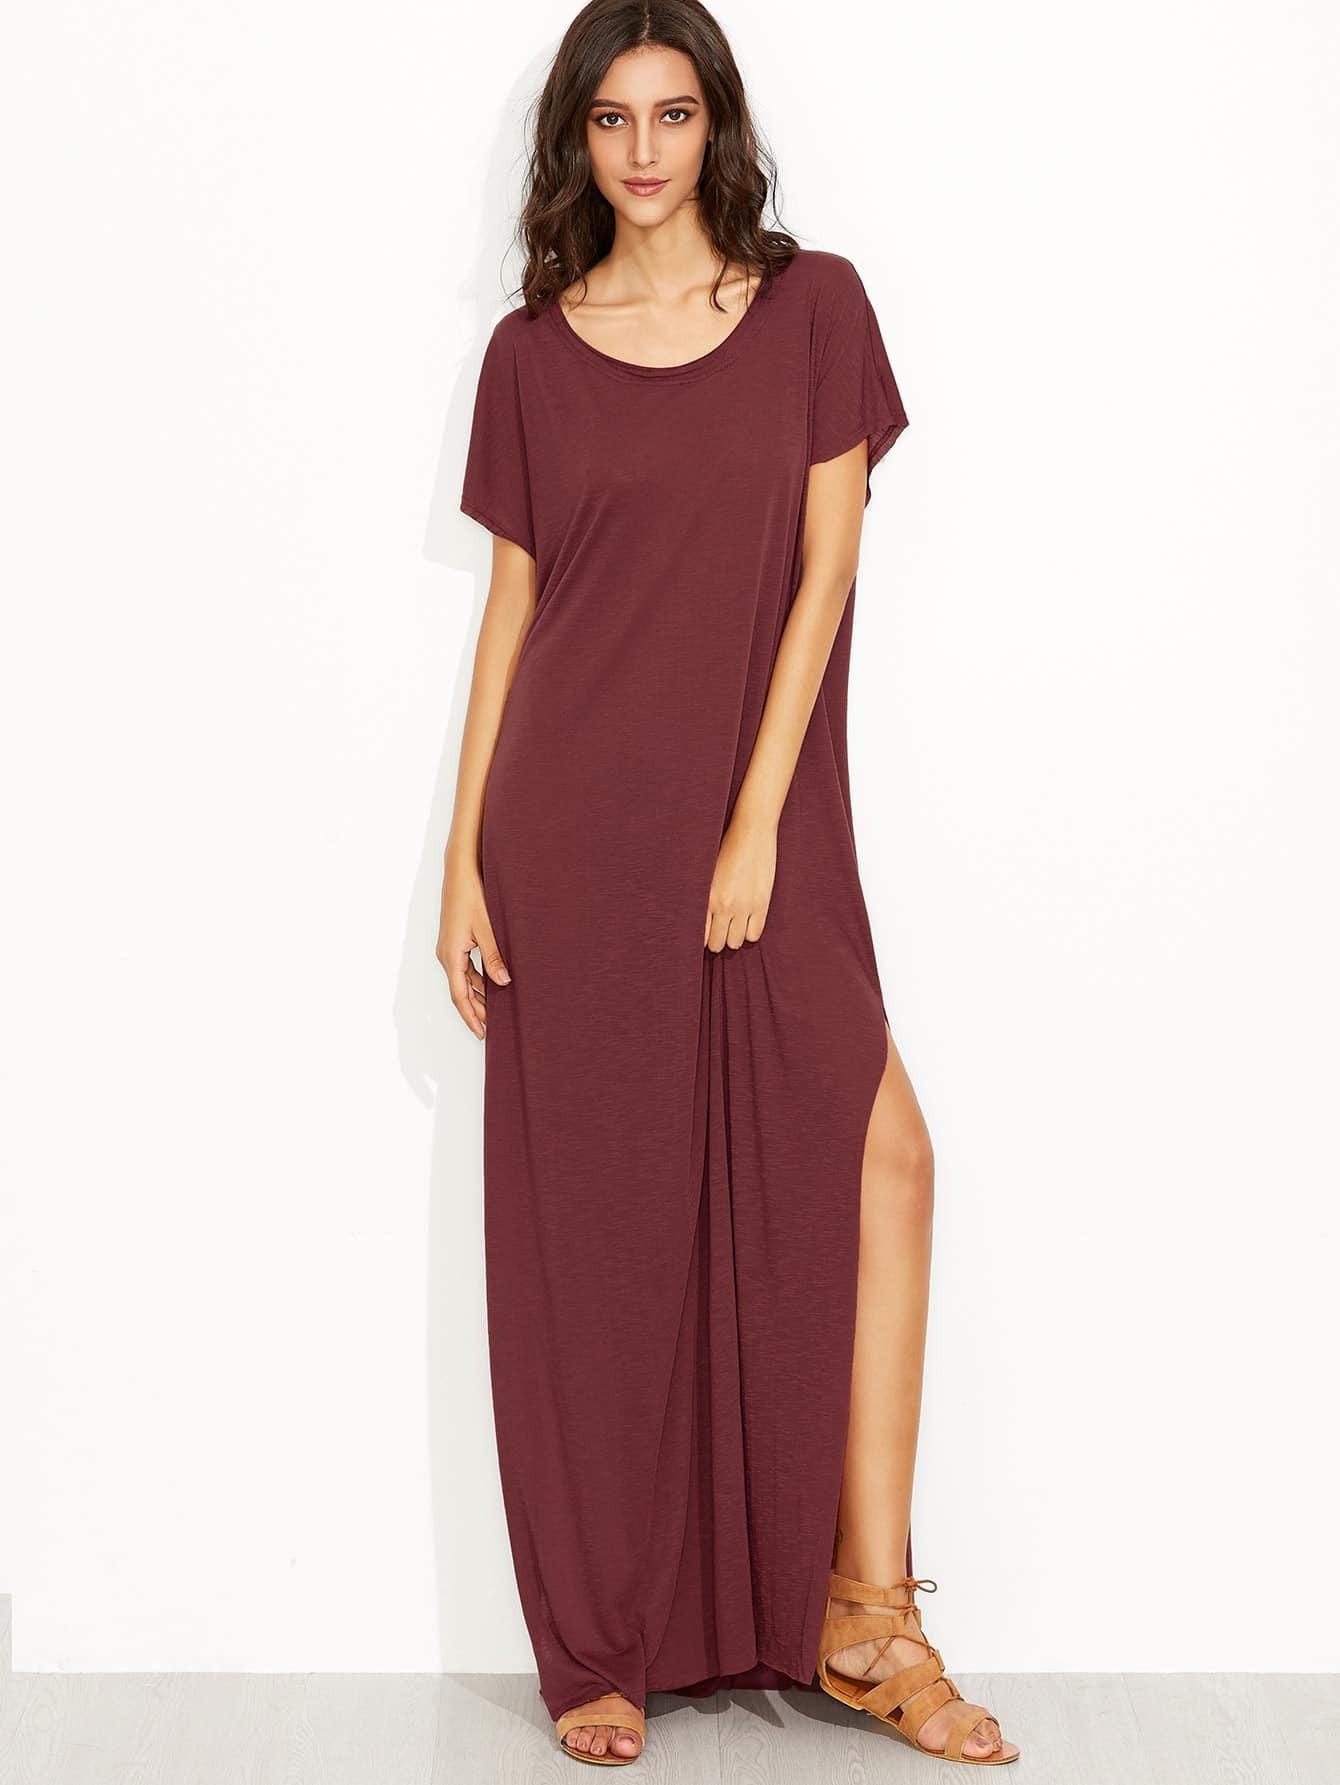 dress160817701_2